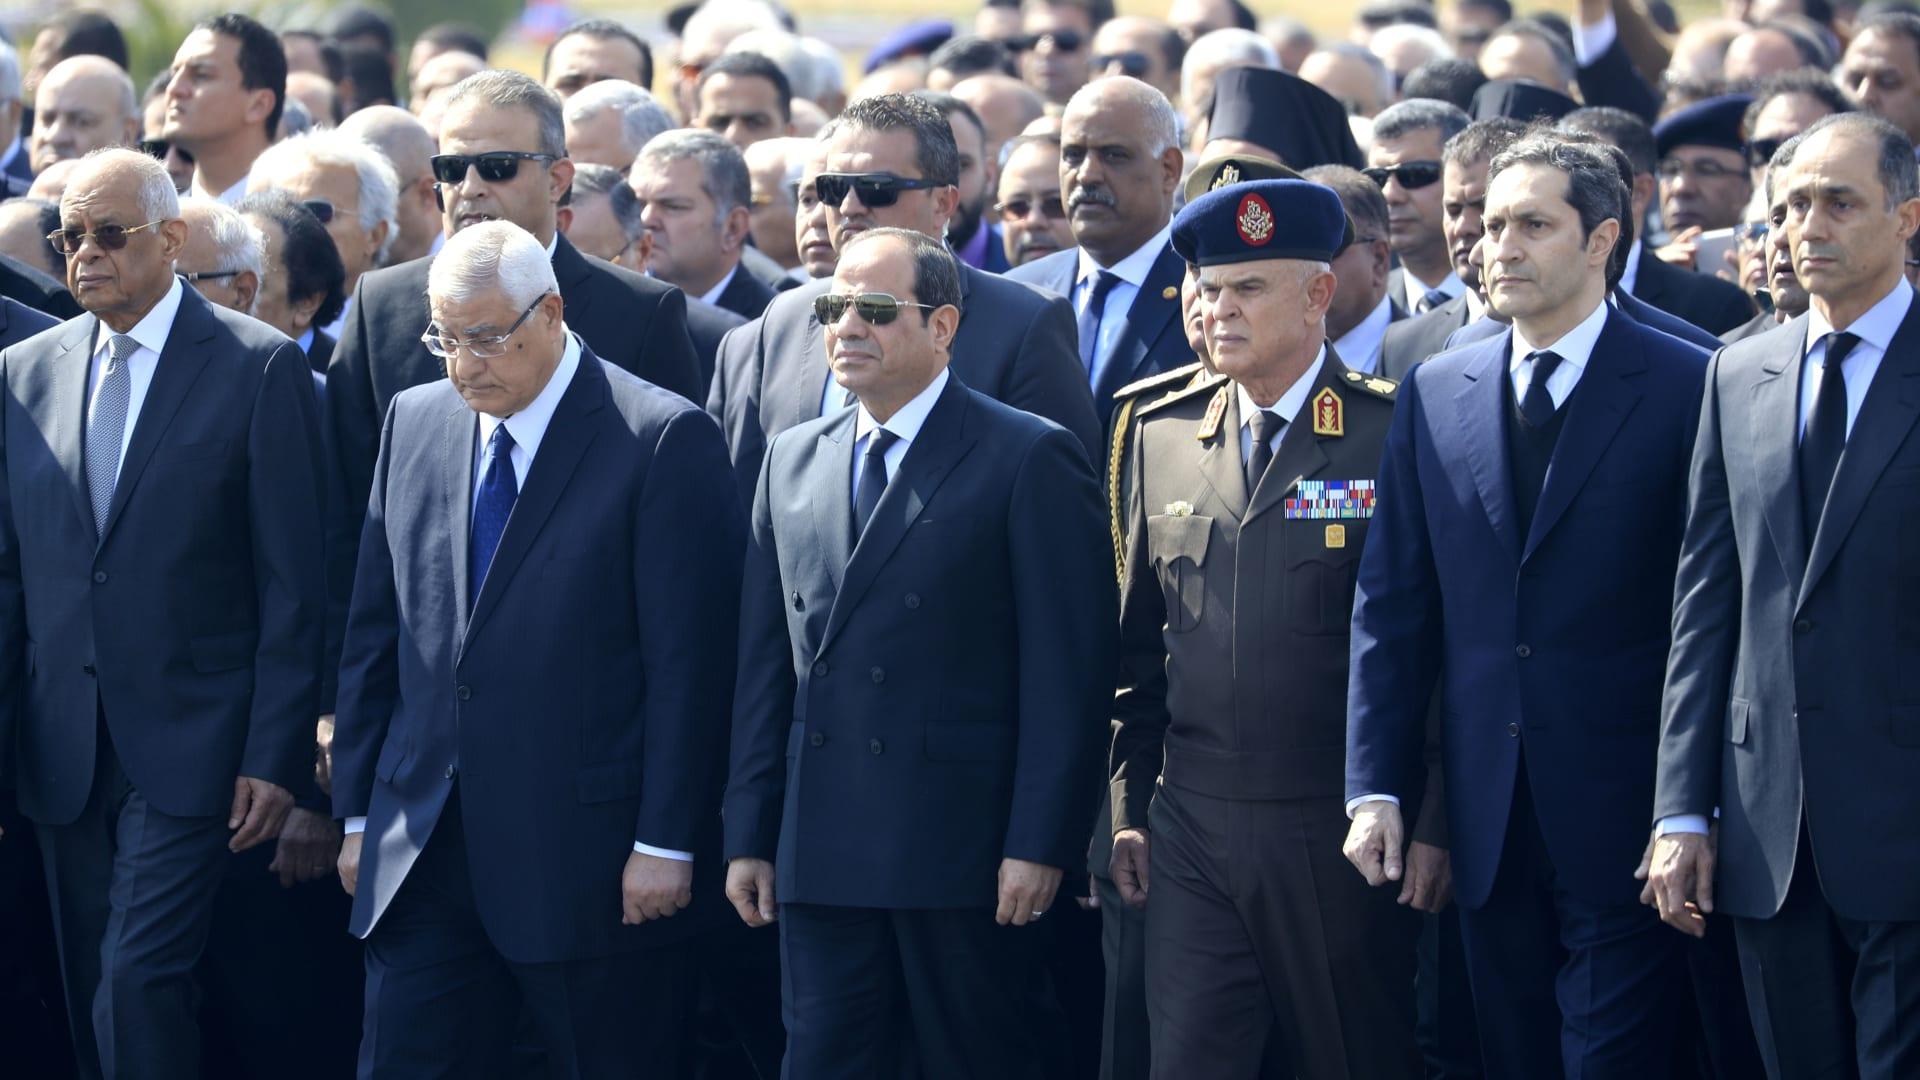 إيهود باراك مشيداً بحسني مبارك لـCNN: كان قائداً مدهشاً ومتوازناً